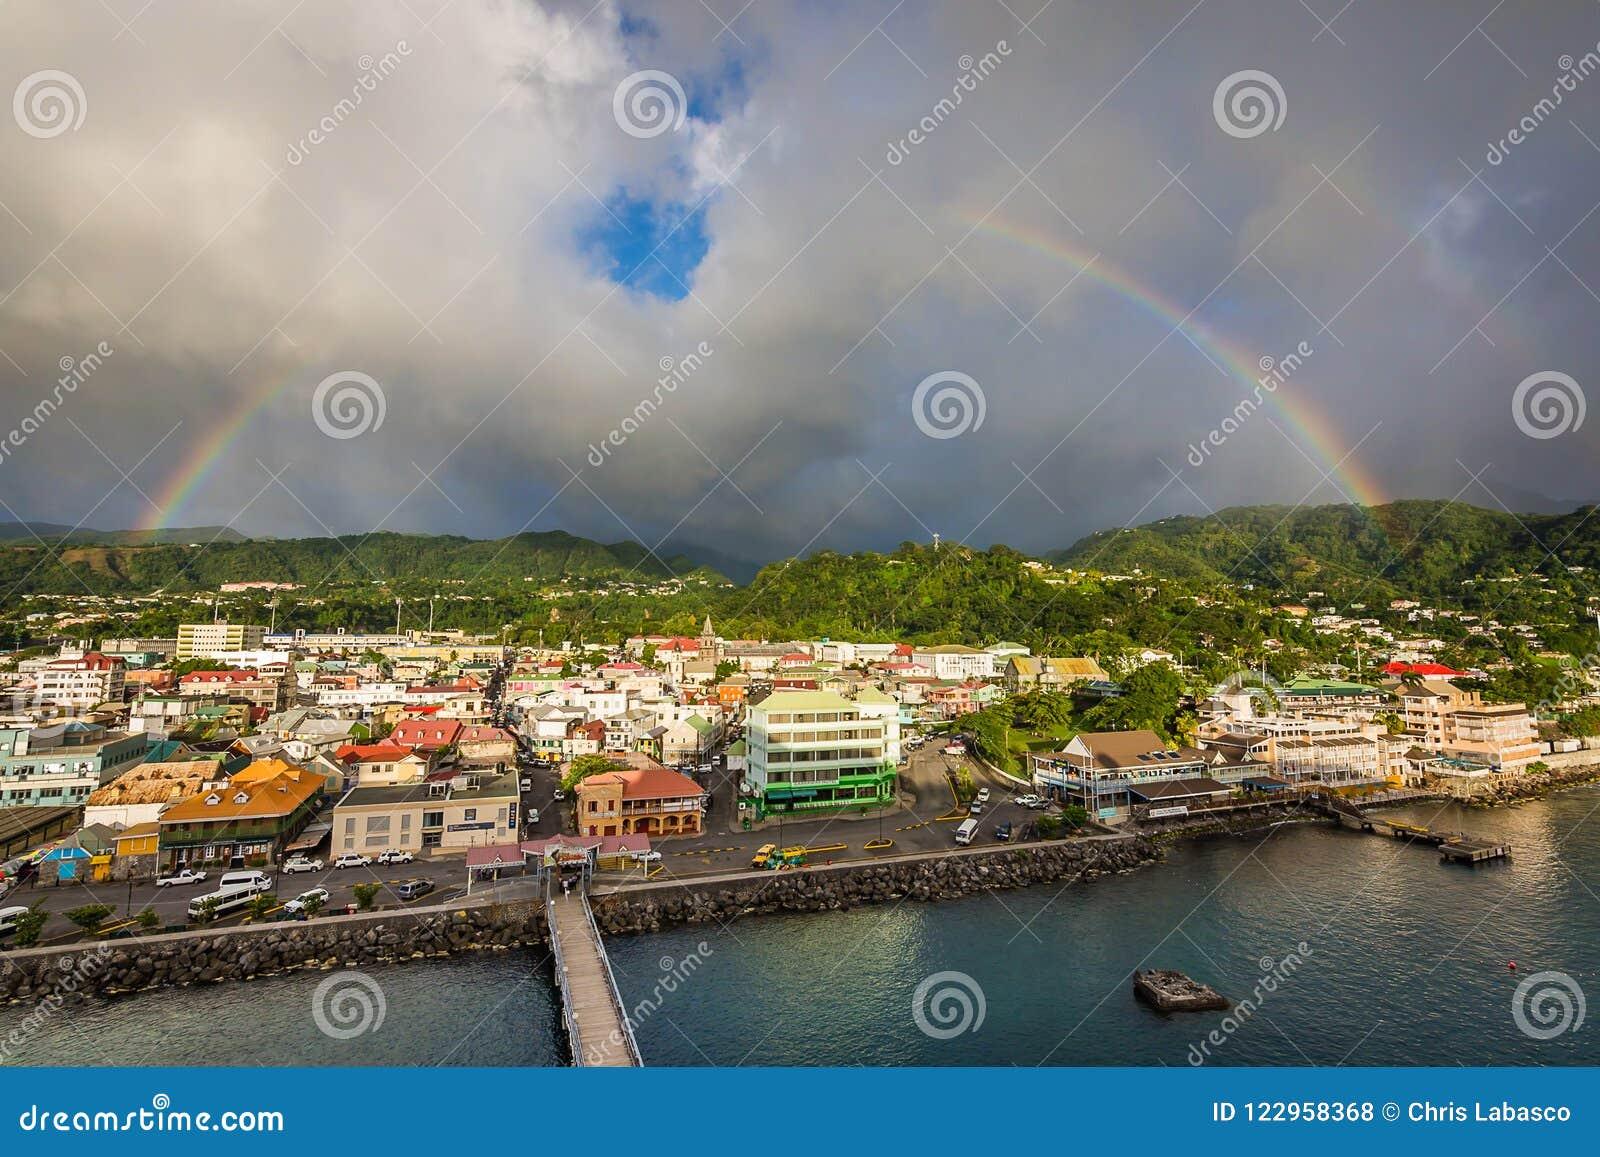 A rainbow over Roseau, Dominica